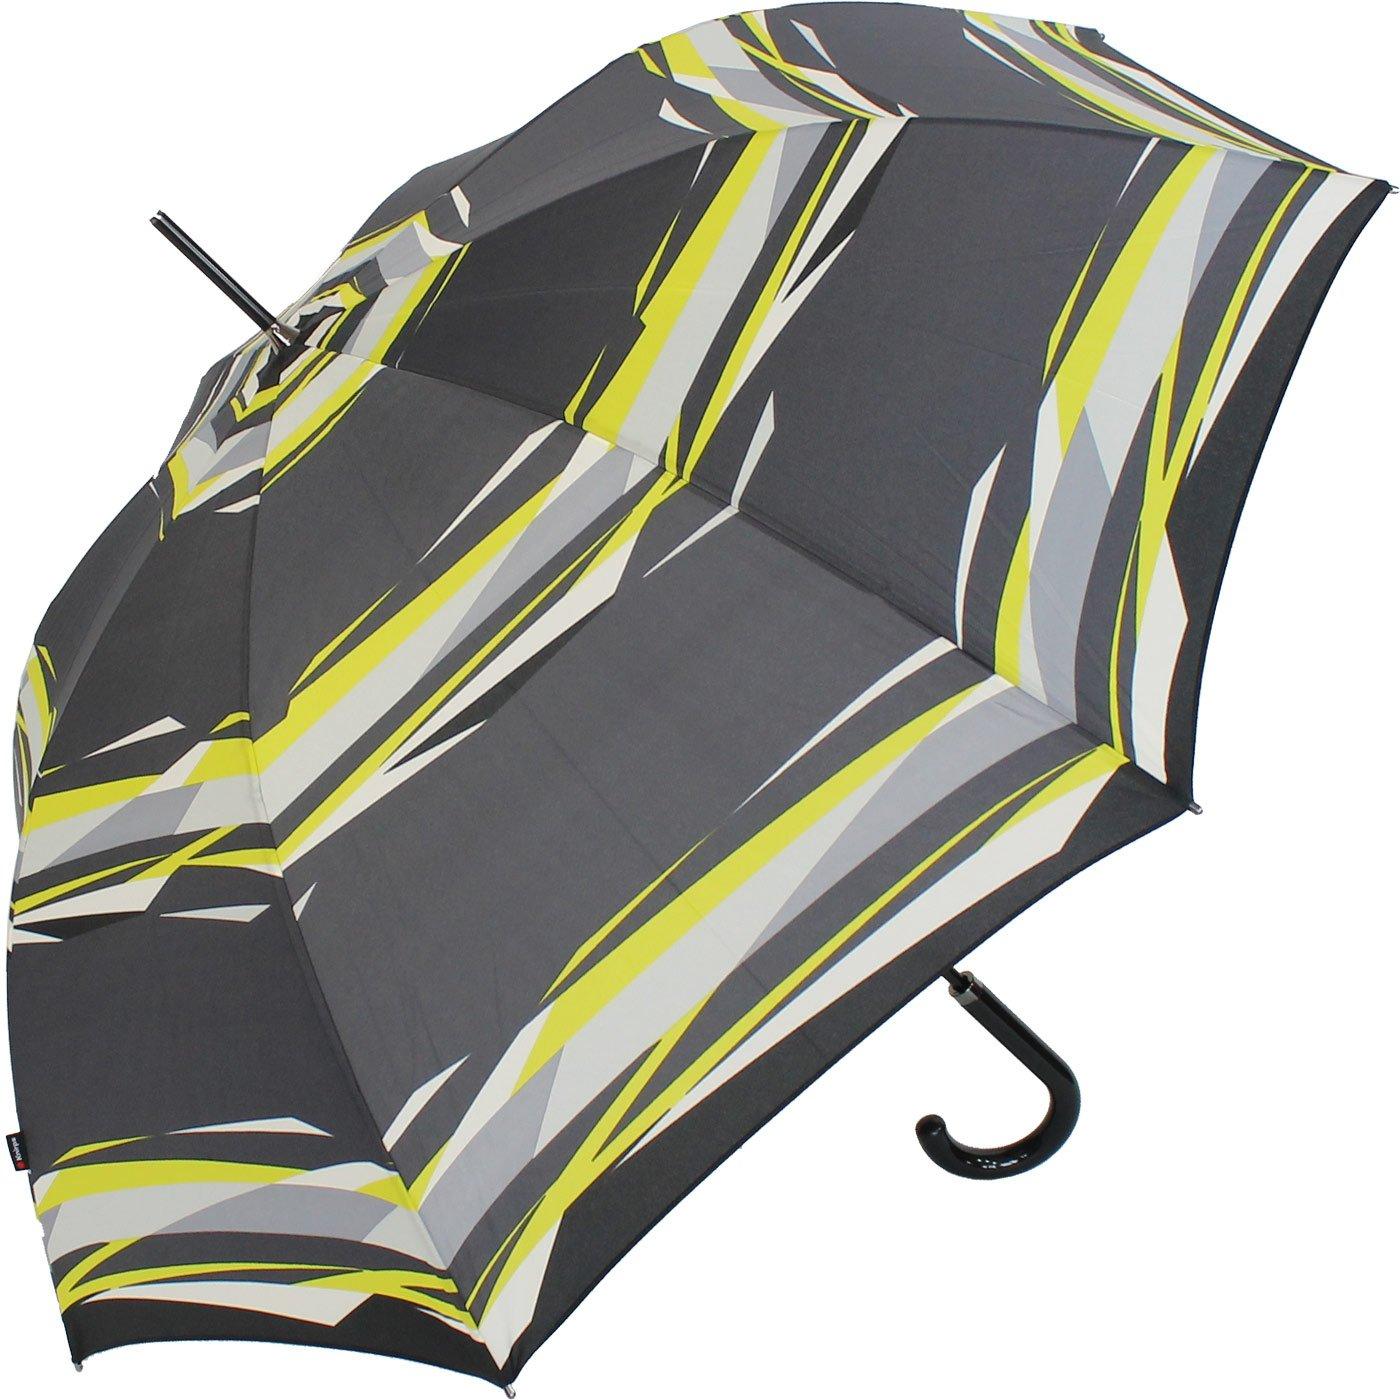 Knirps parapluie automatique verre citrine femme